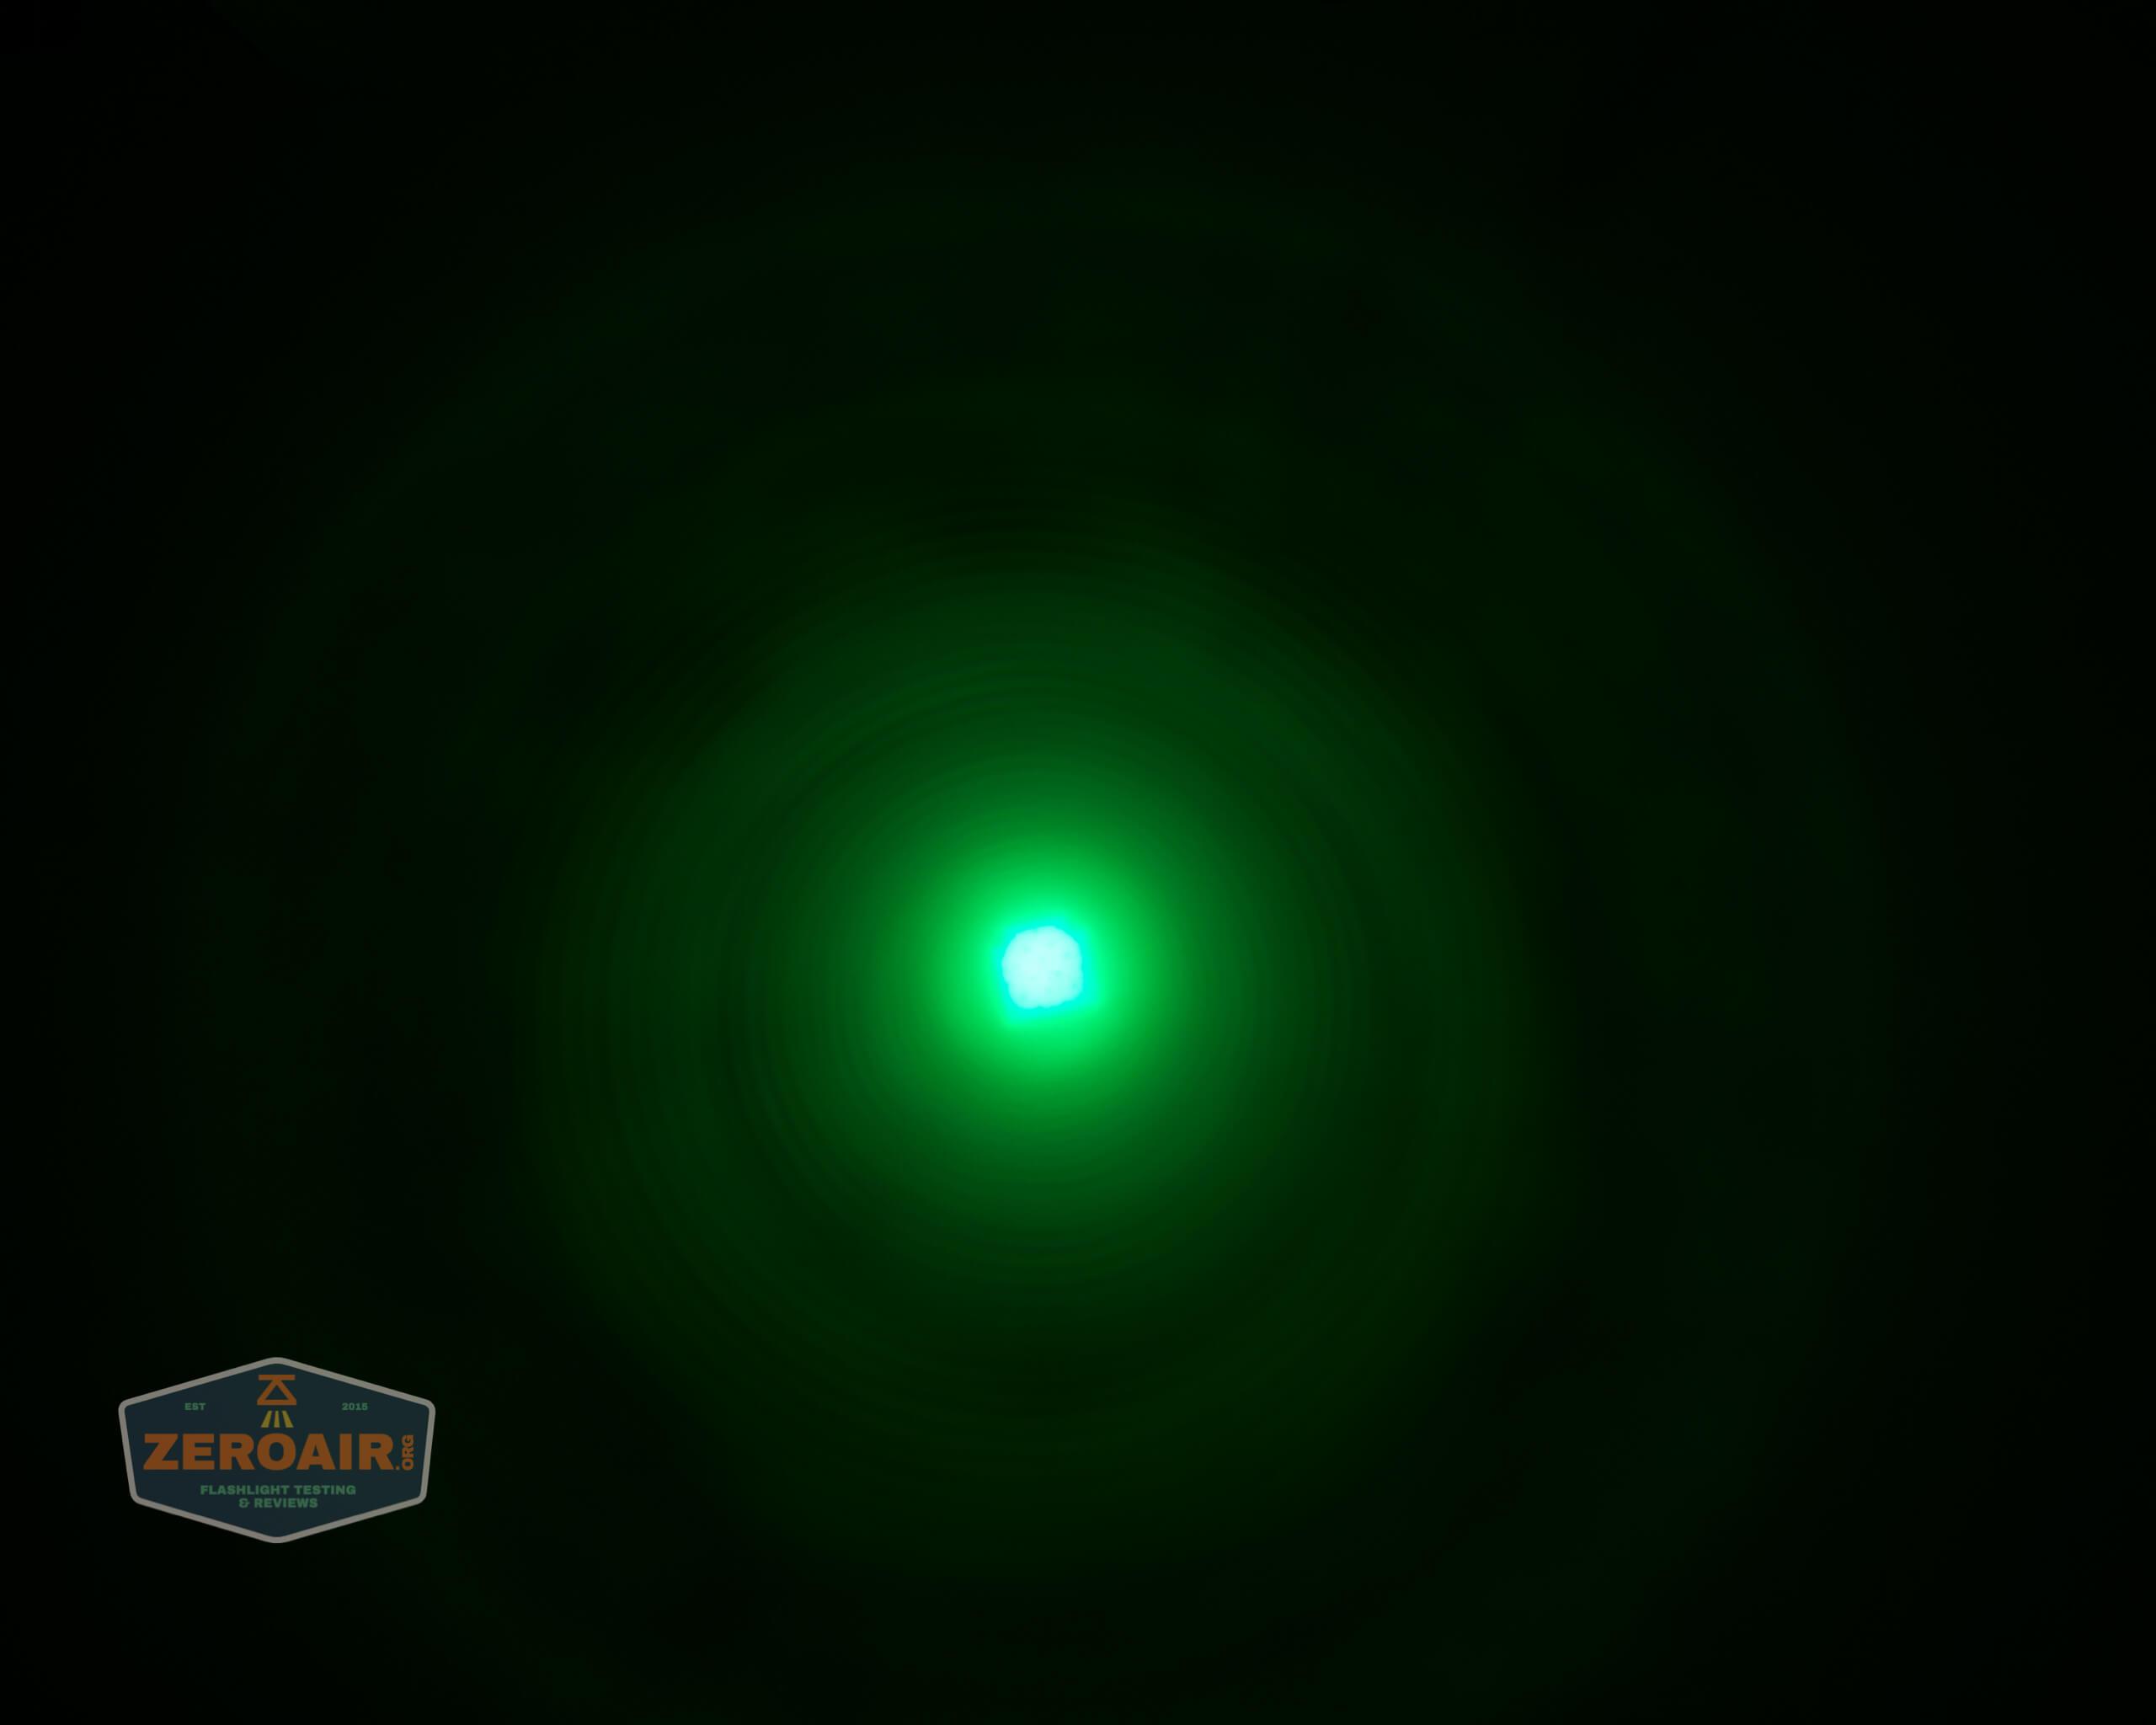 Brinyte T28 Artemis Zoomy beamshot ceiling green 6